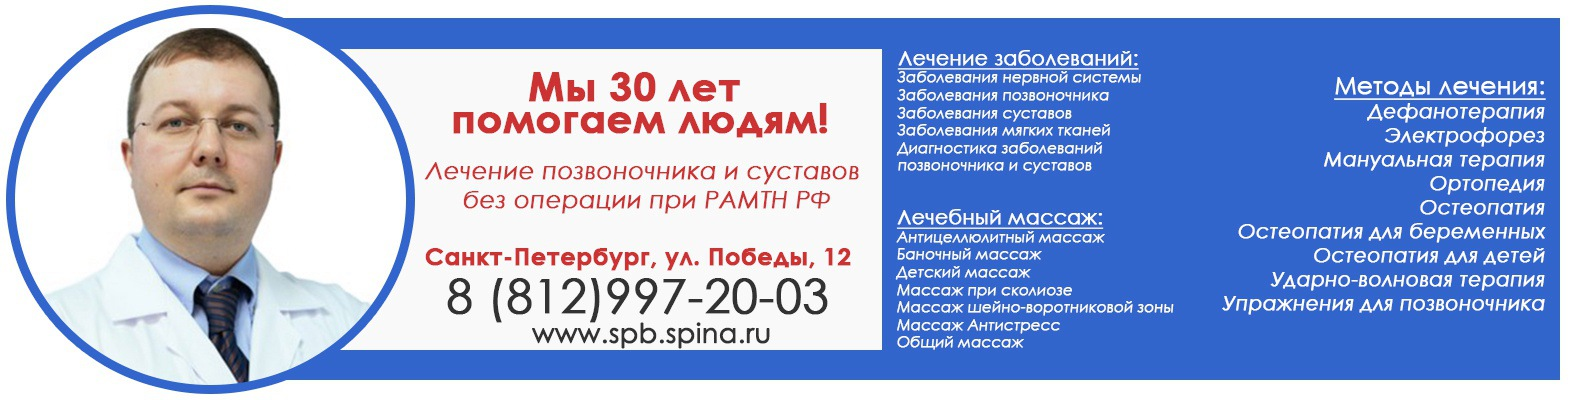 Ведущая клиника москвы по лечению позвоночника